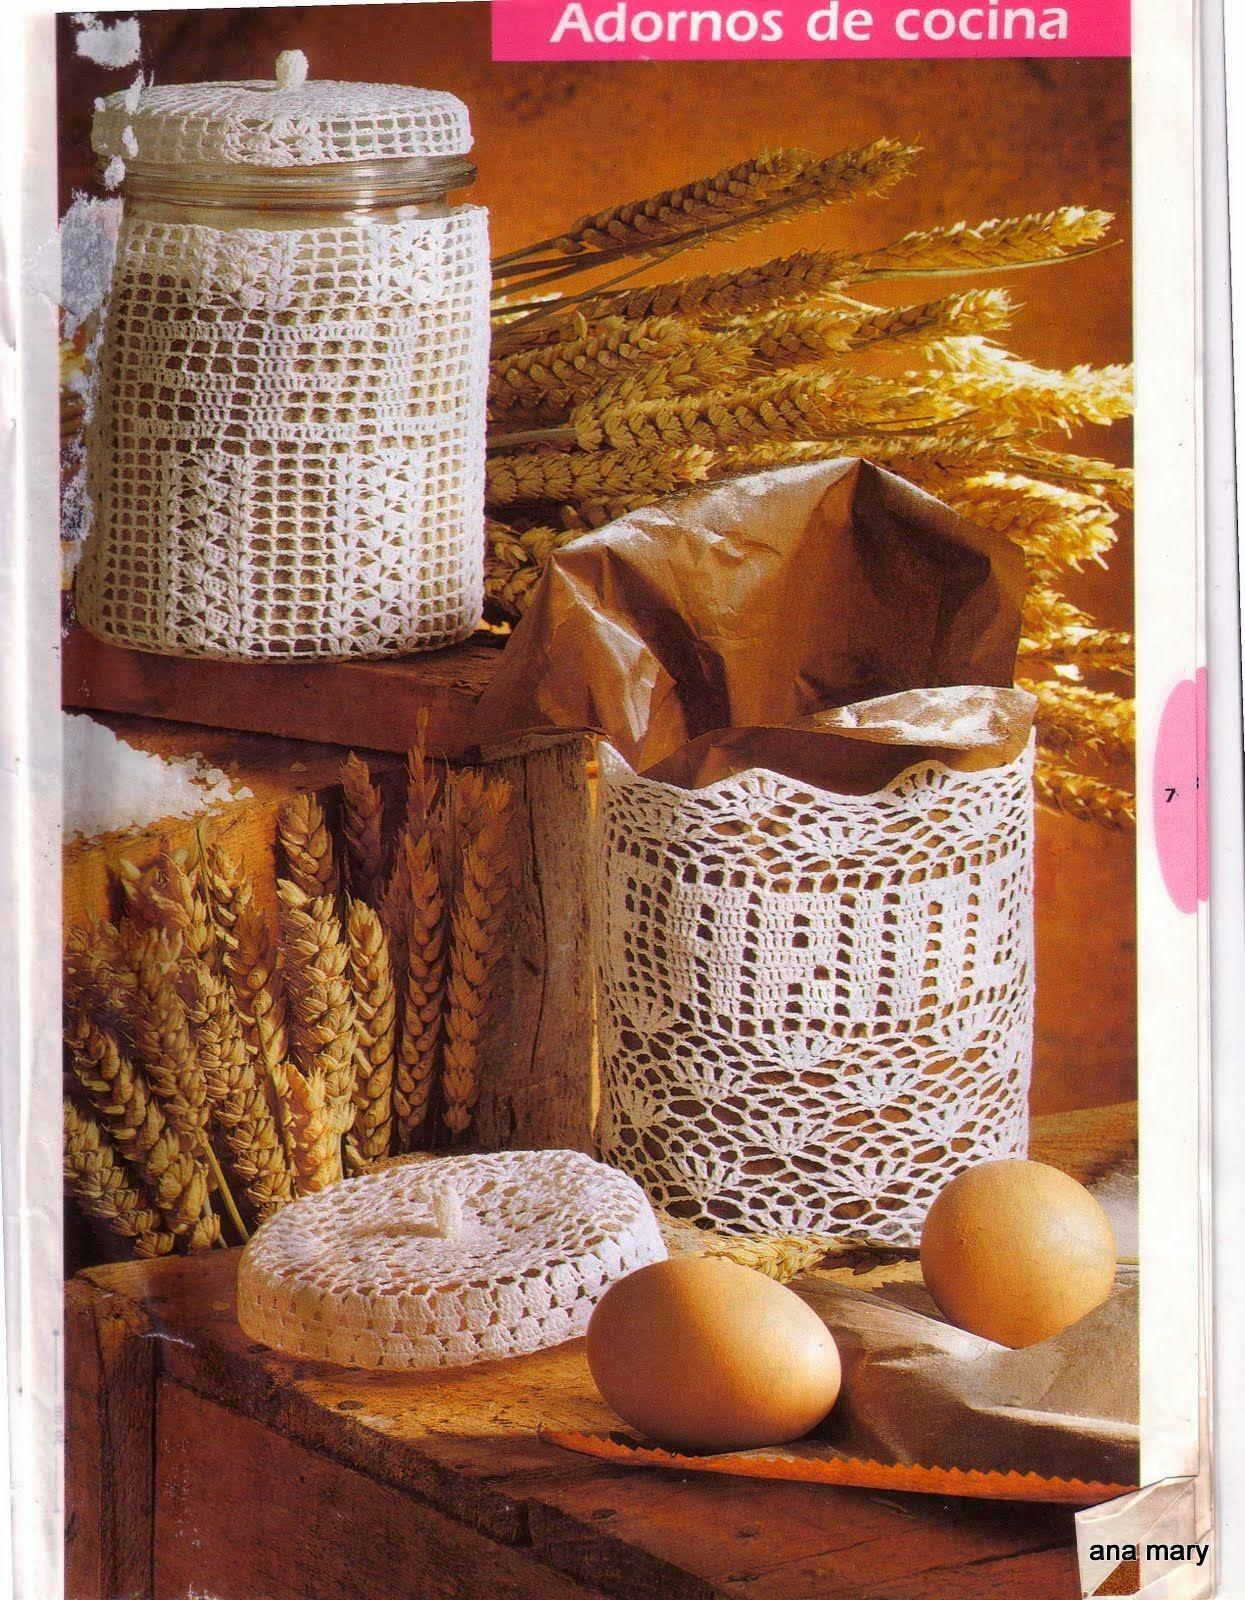 Adornos para la cocina al crochet todo crochet Adornos metalicos para pared